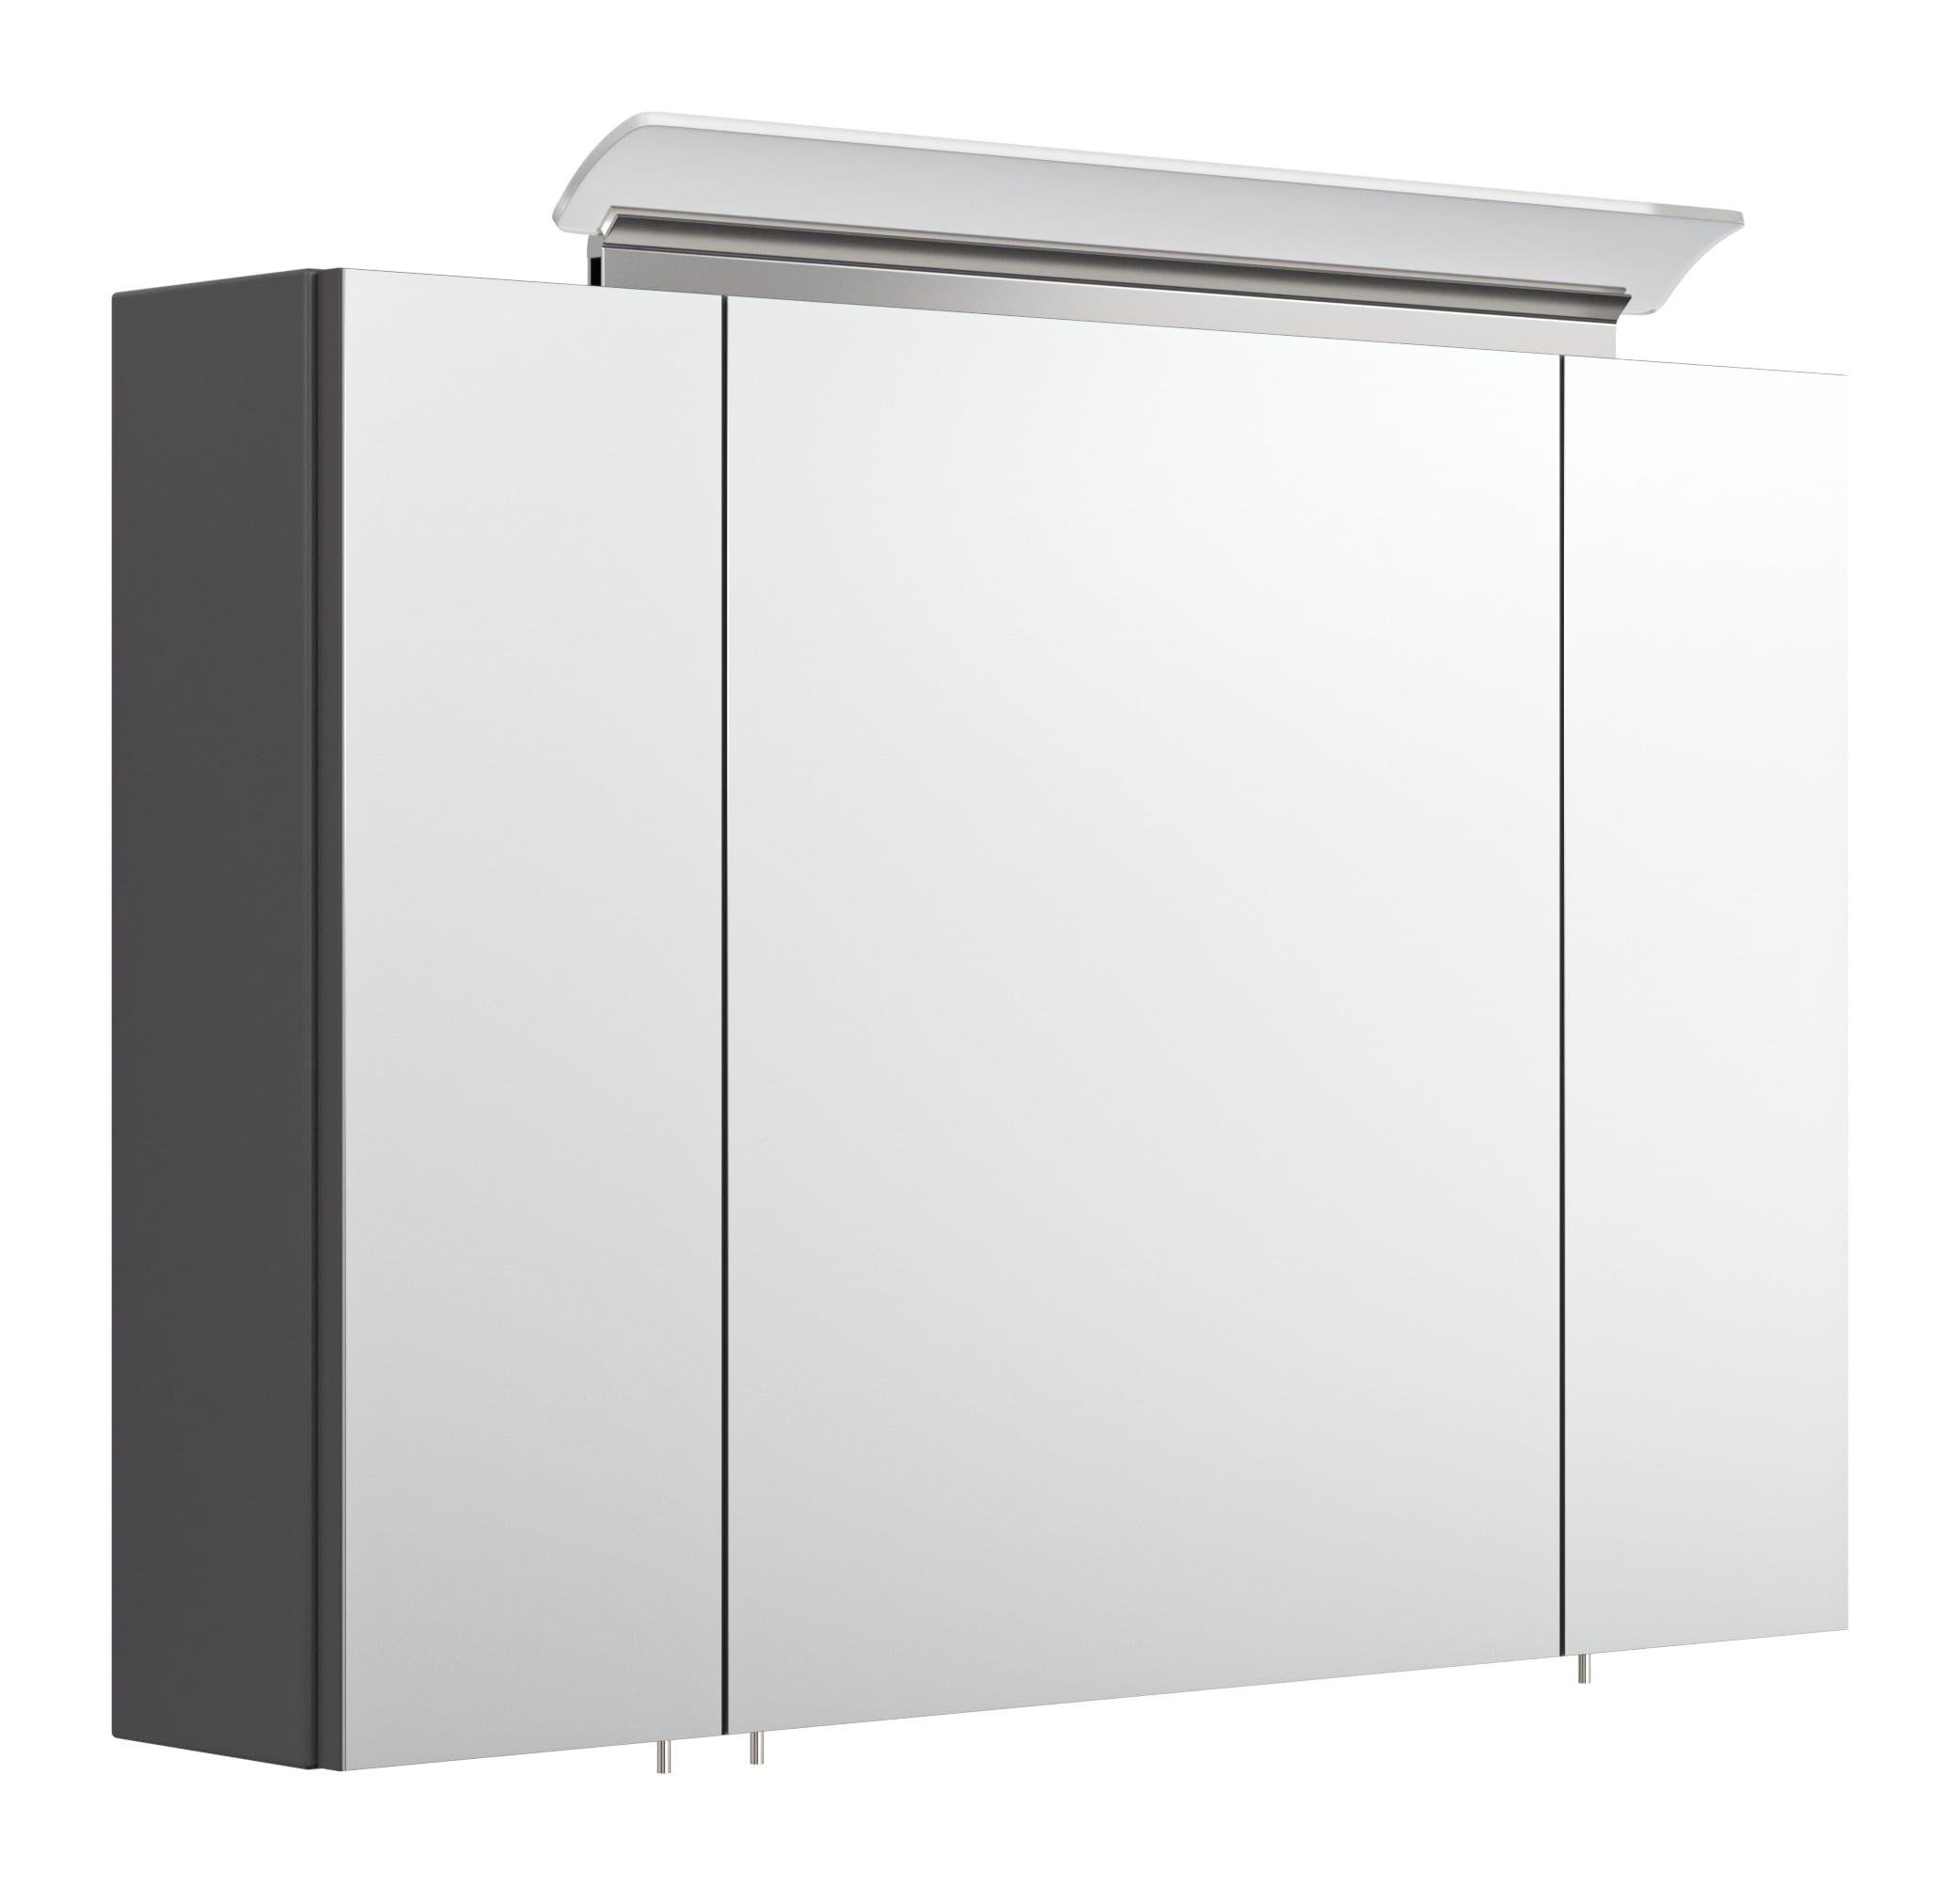 Badezimmer Spiegelschrank anthrazit mit Design LED Lampe 20 cm mit Glasböden